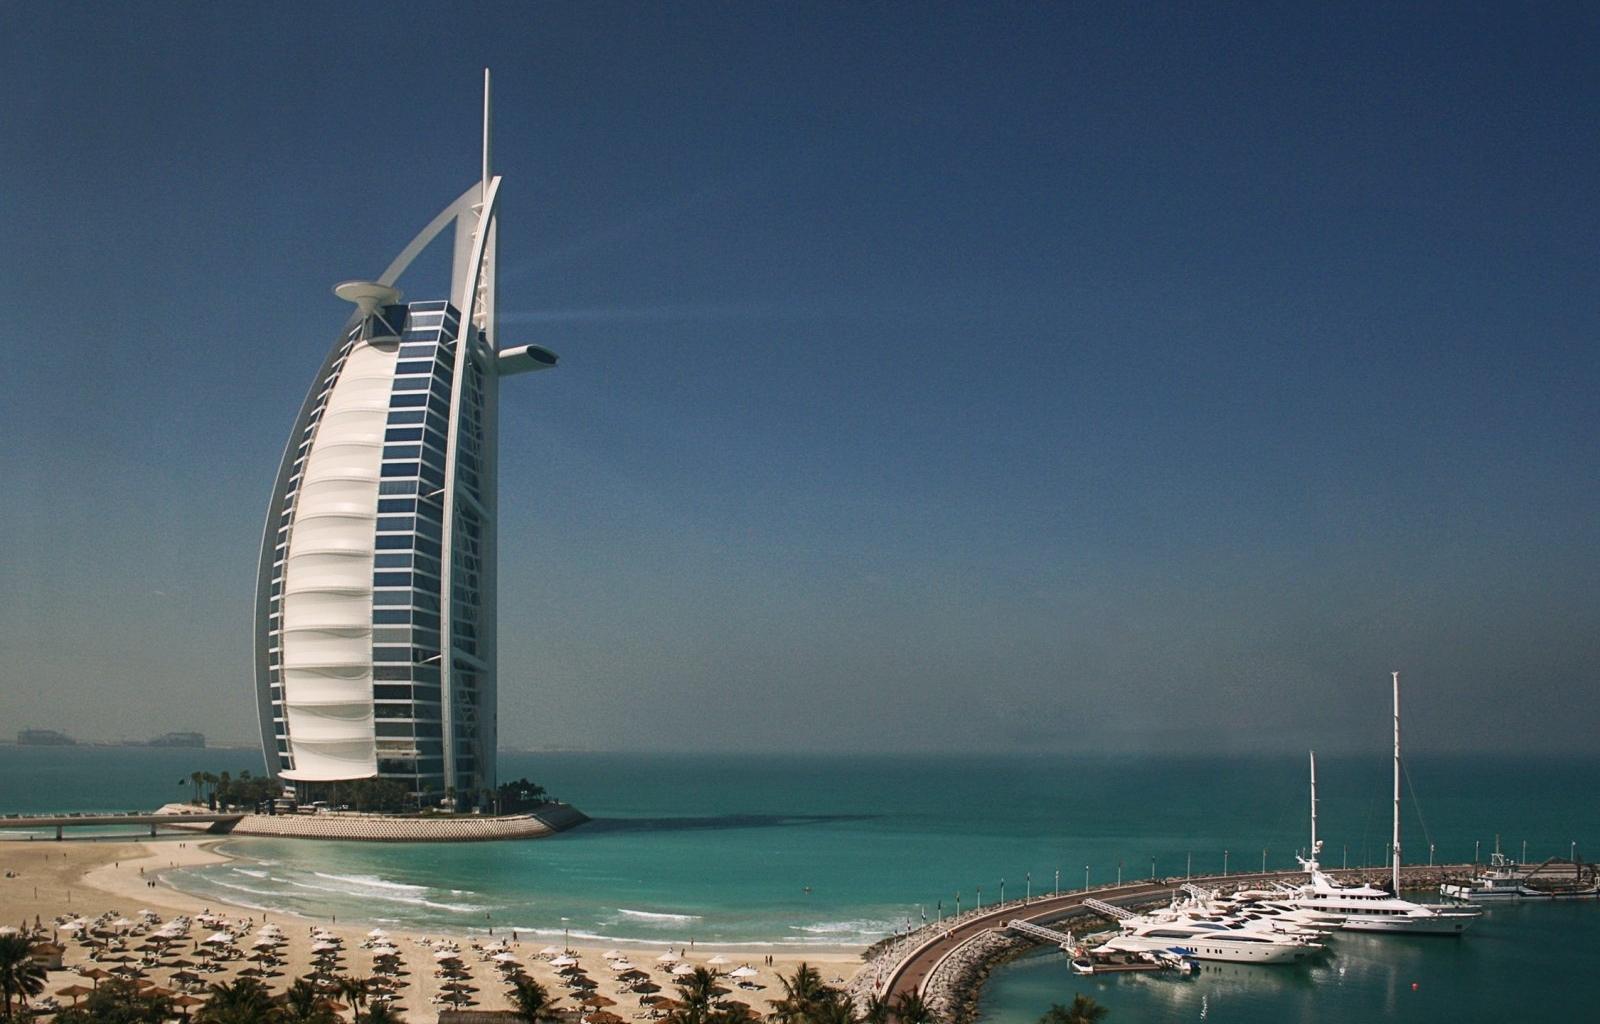 2720 скачать обои Пейзаж, Города, Вода, Море, Архитектура - заставки и картинки бесплатно